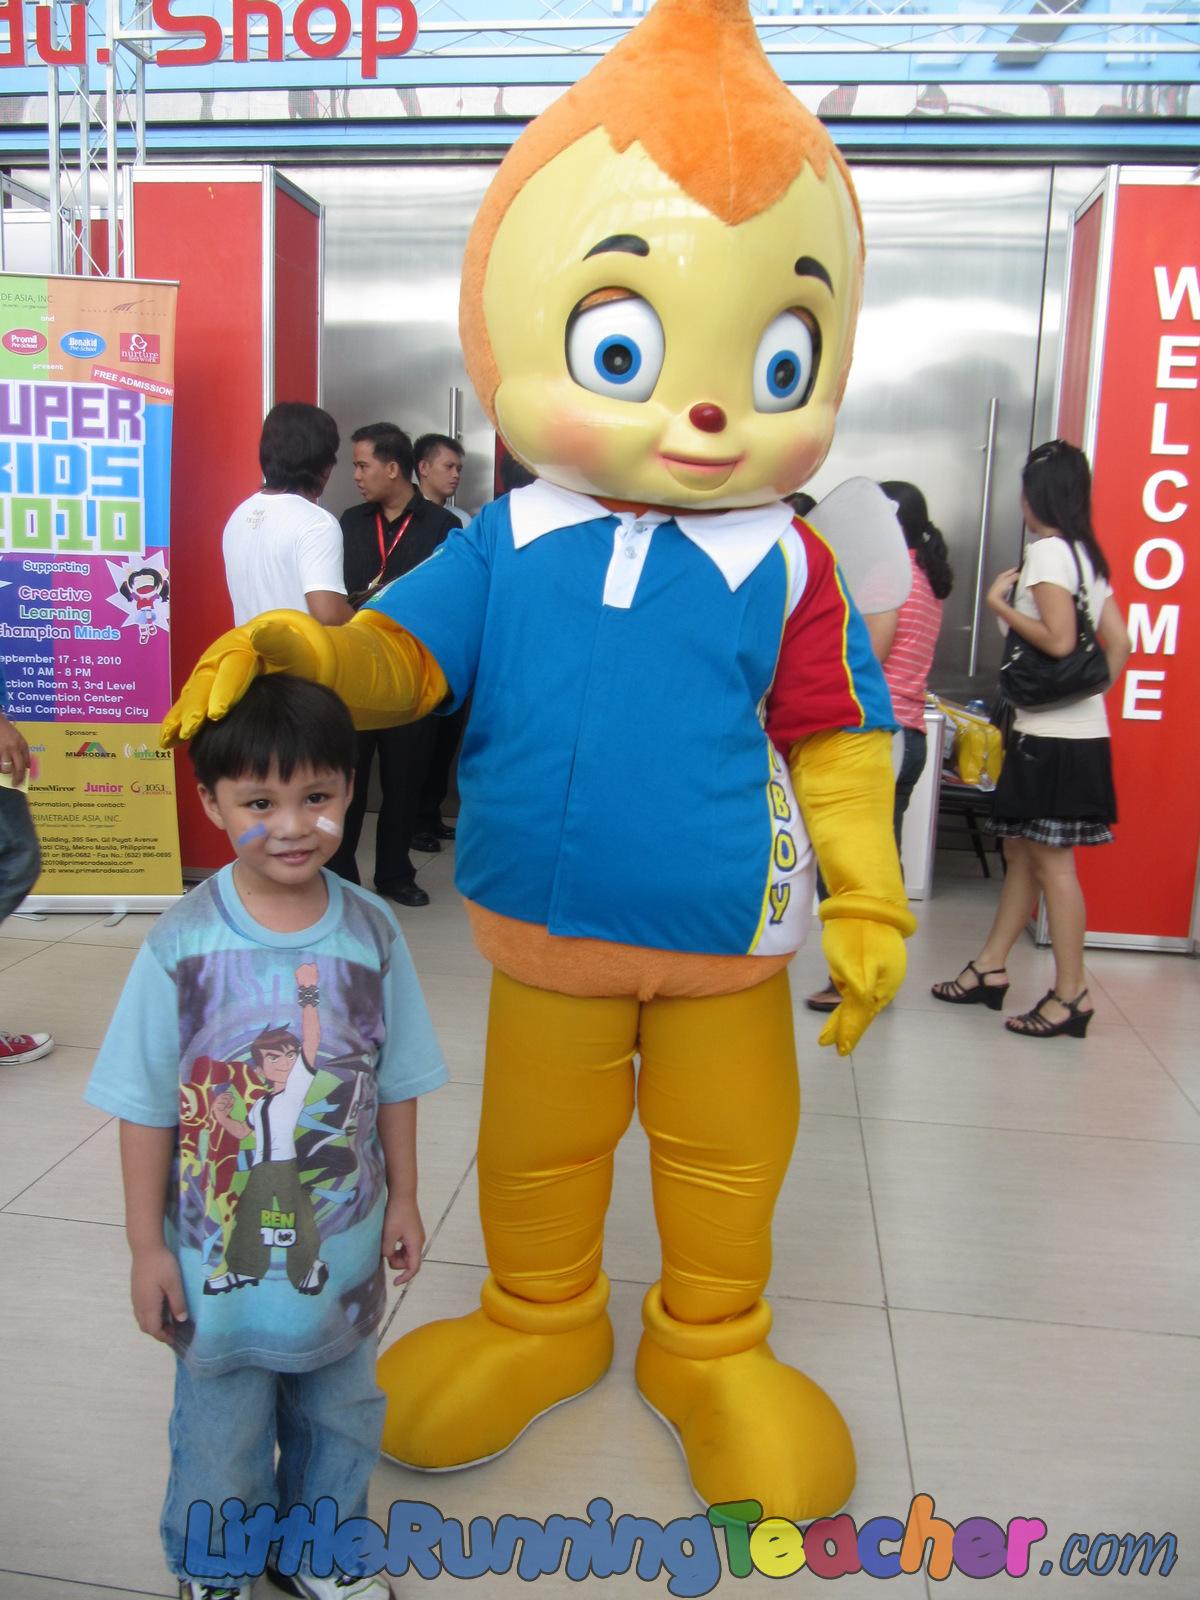 Superkids 2010 and the 31st International Book Fair | Little Running ...